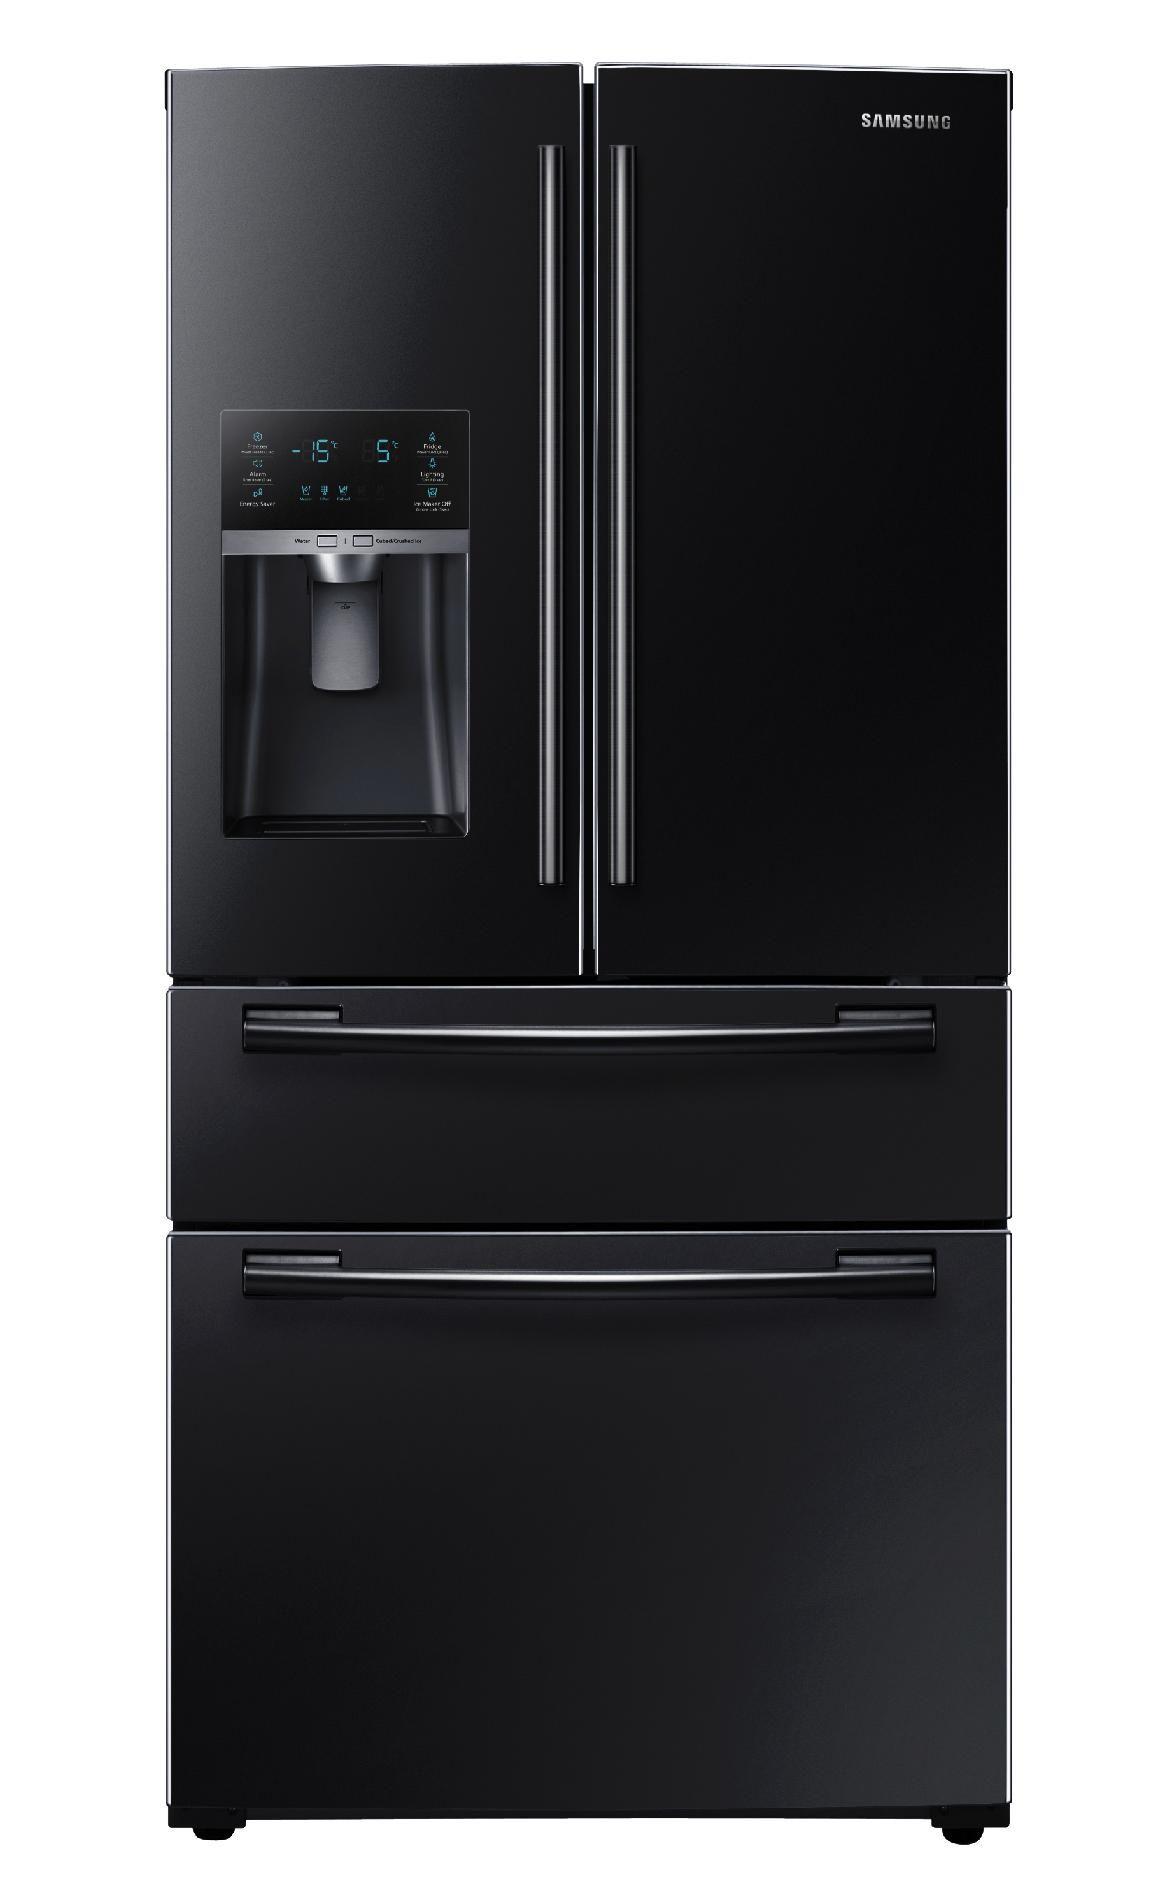 Samsung 25 Cu Ft 4 Door French Door Refrigerator Black